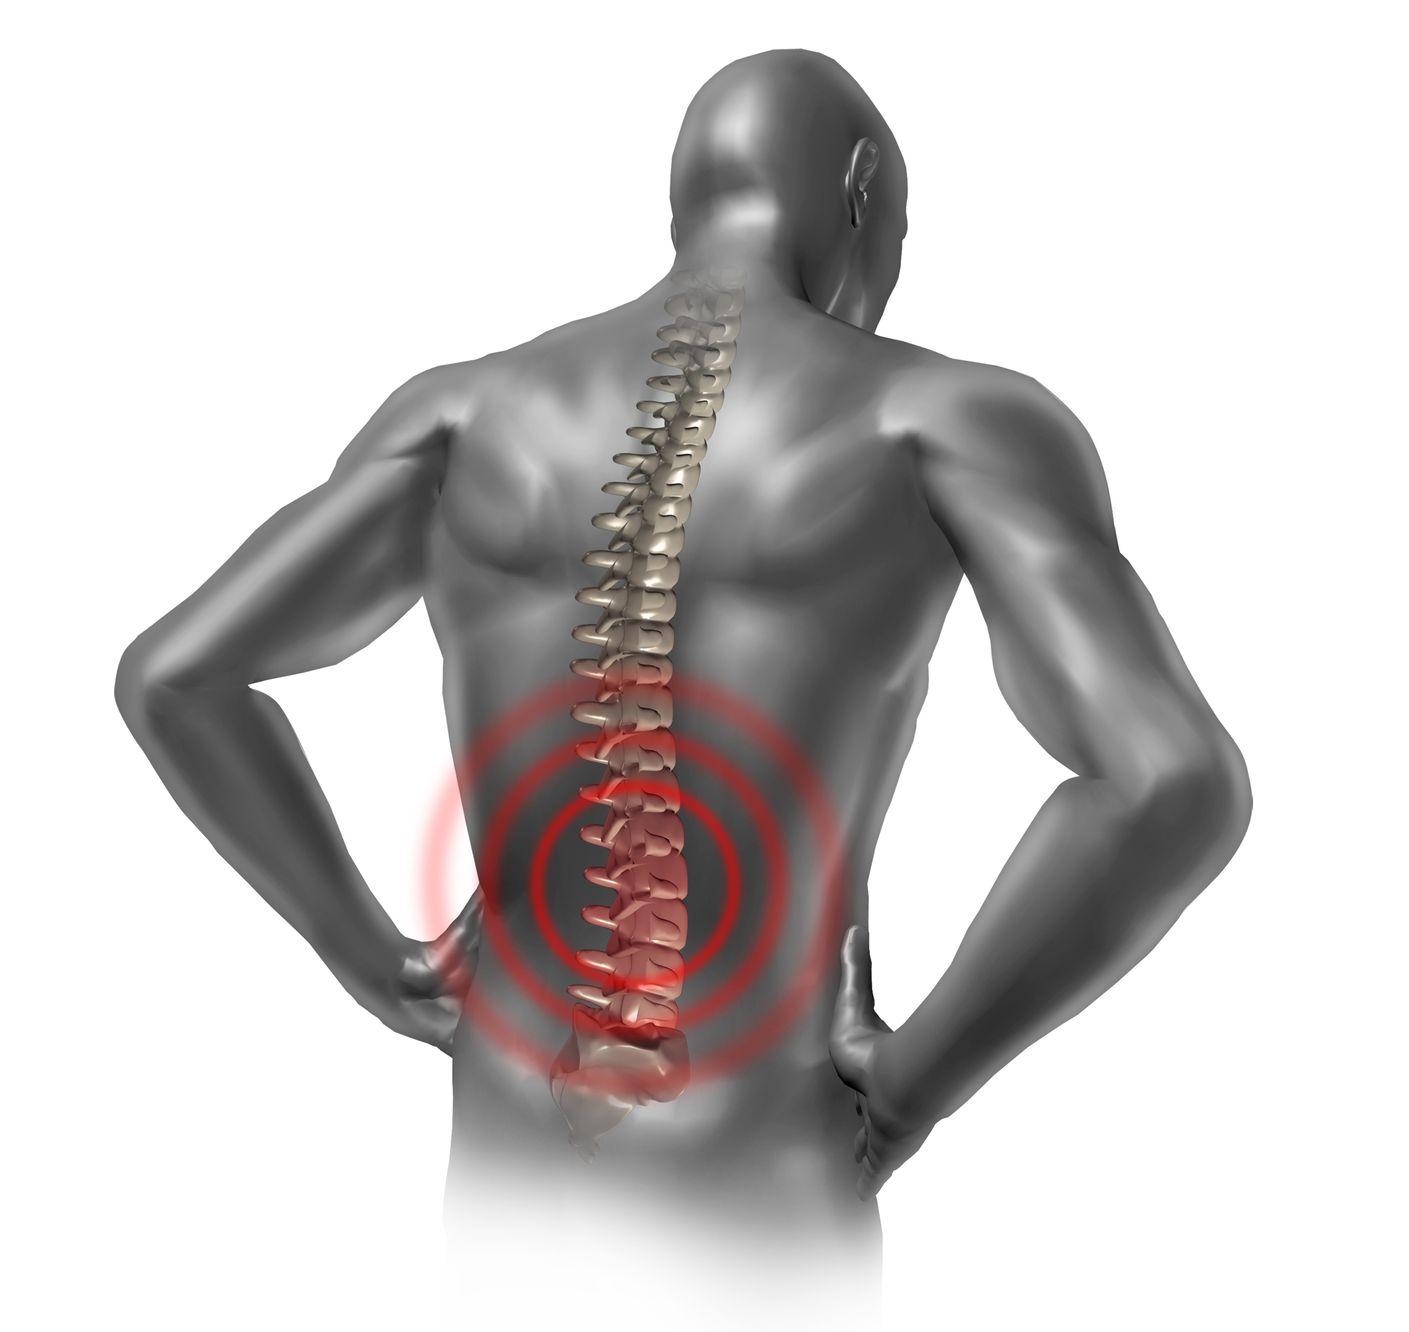 Lombalgie, pathologie touchant la partie inférieure du dos